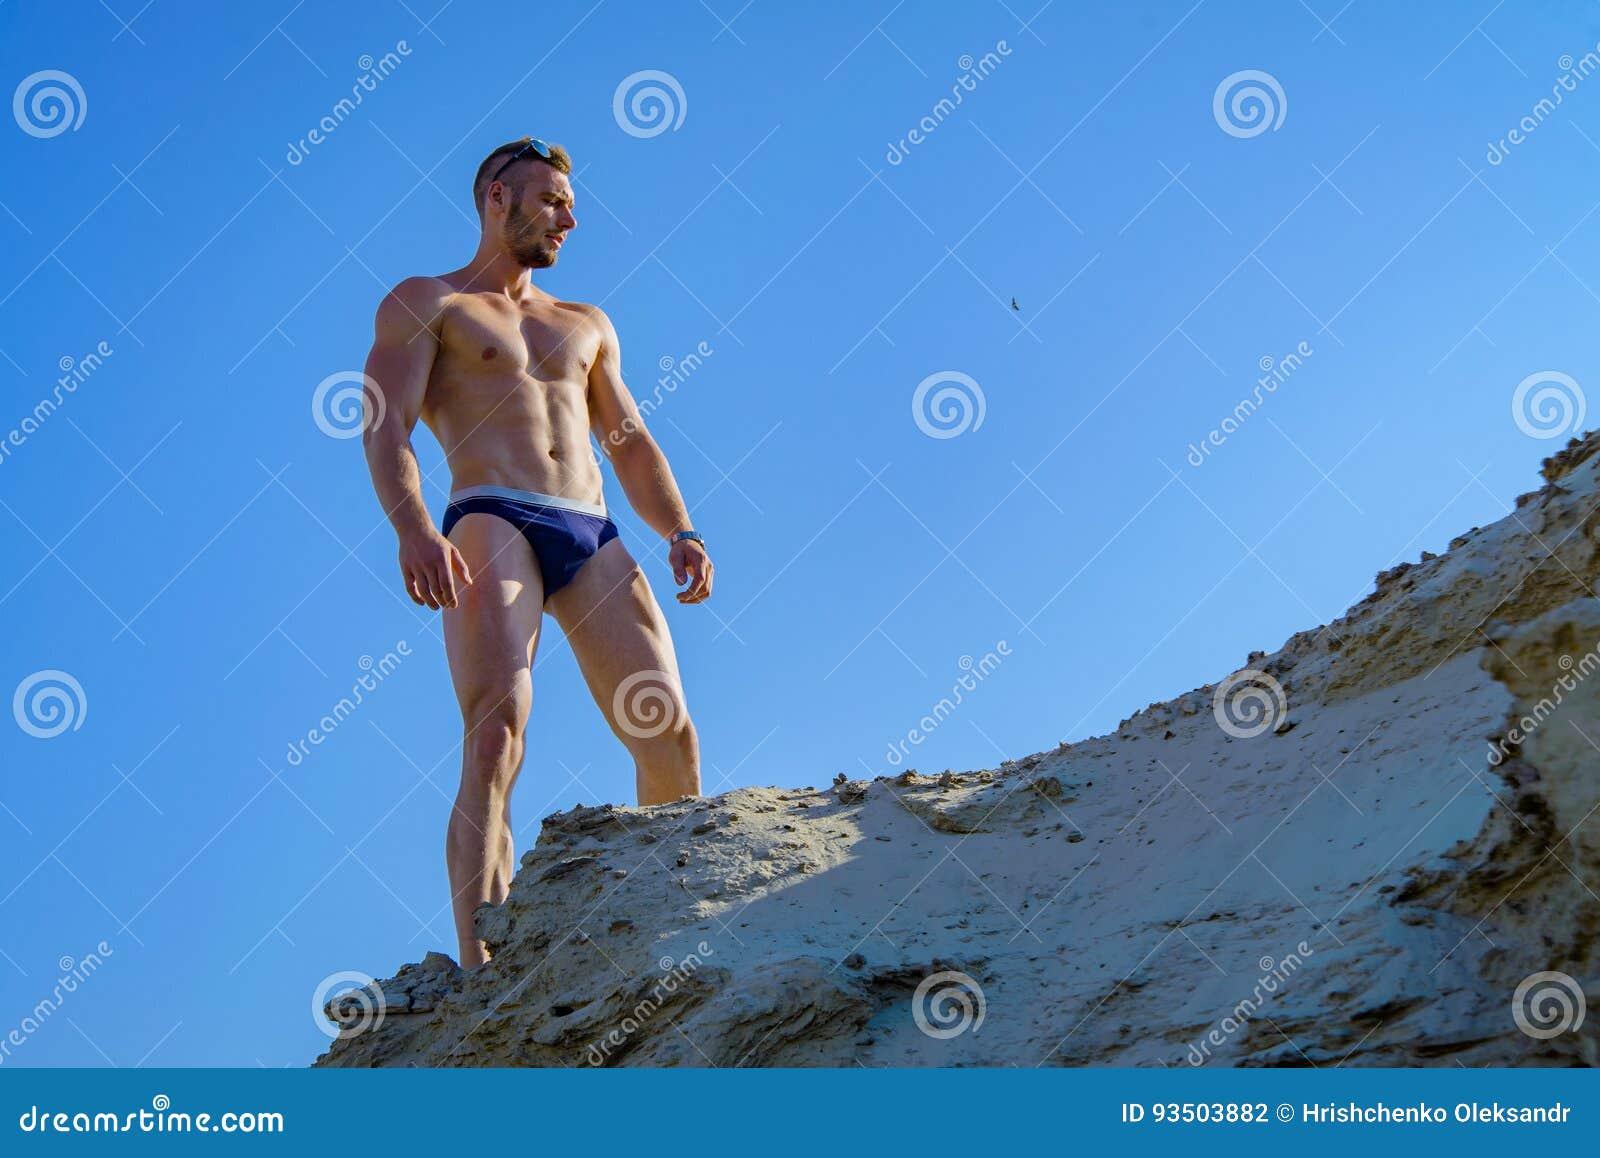 c336bef6e556 Uomo In Un Costume Da Bagno Sulla Spiaggia Fotografia Stock ...